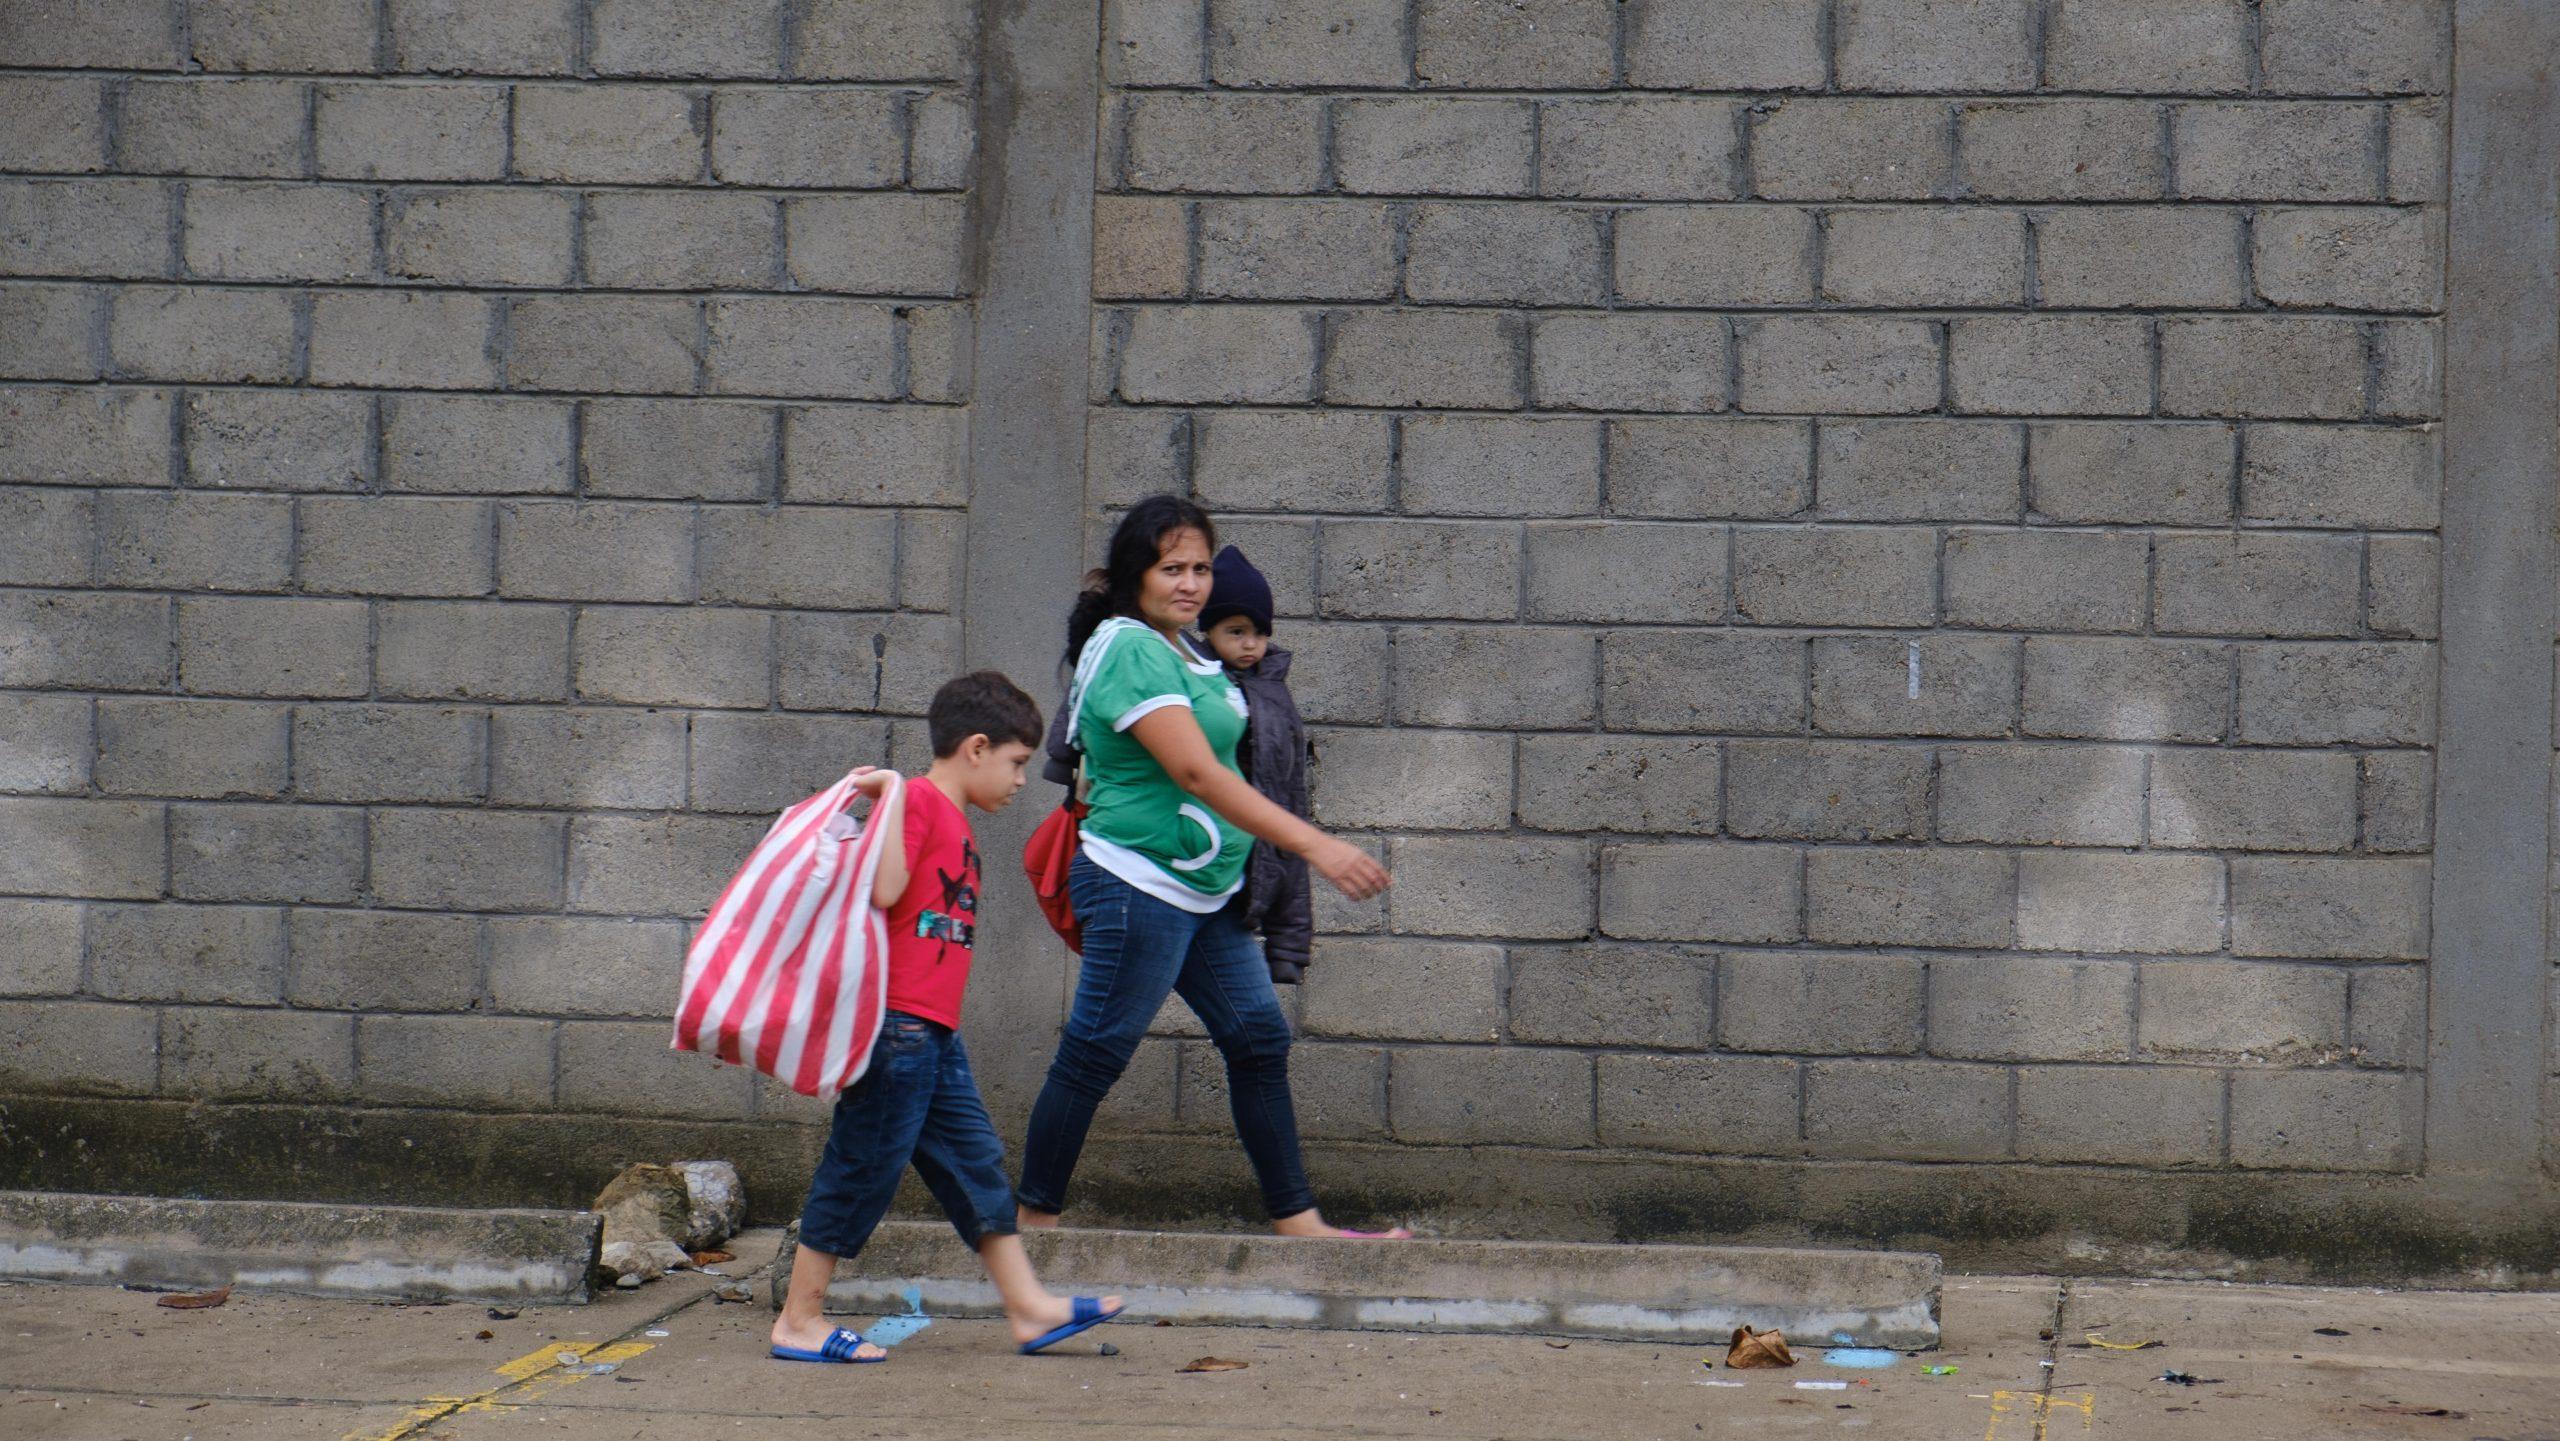 Esta madre y sus hijos salió con lo que pudo para ponerse a salvo de las inundaciones. El Progreso, Yoro, 3 de nov de 2020, Foto, Deiby Yanes.